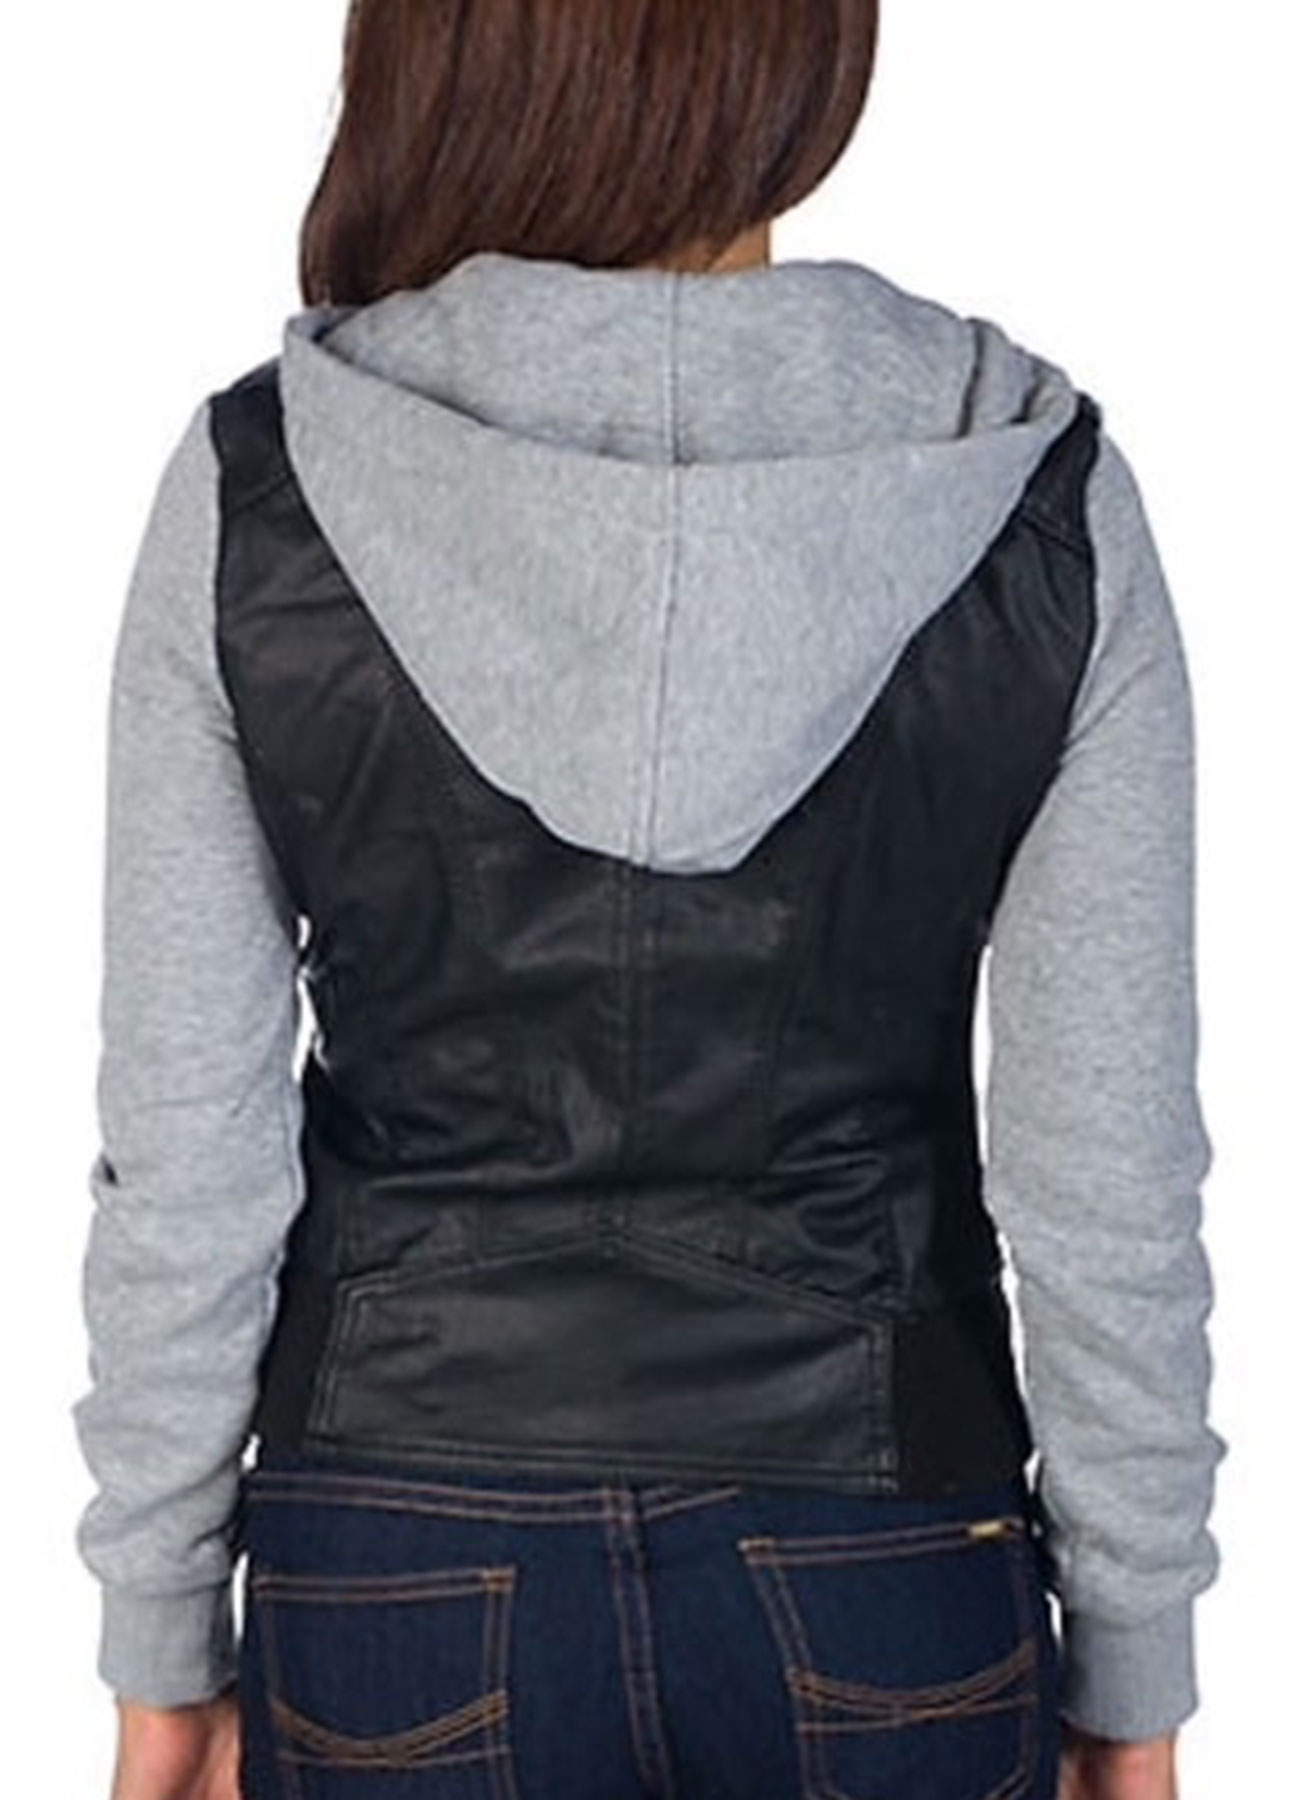 Women's Faux Leather Moto Jacket with Fleece Sleeves & Hood